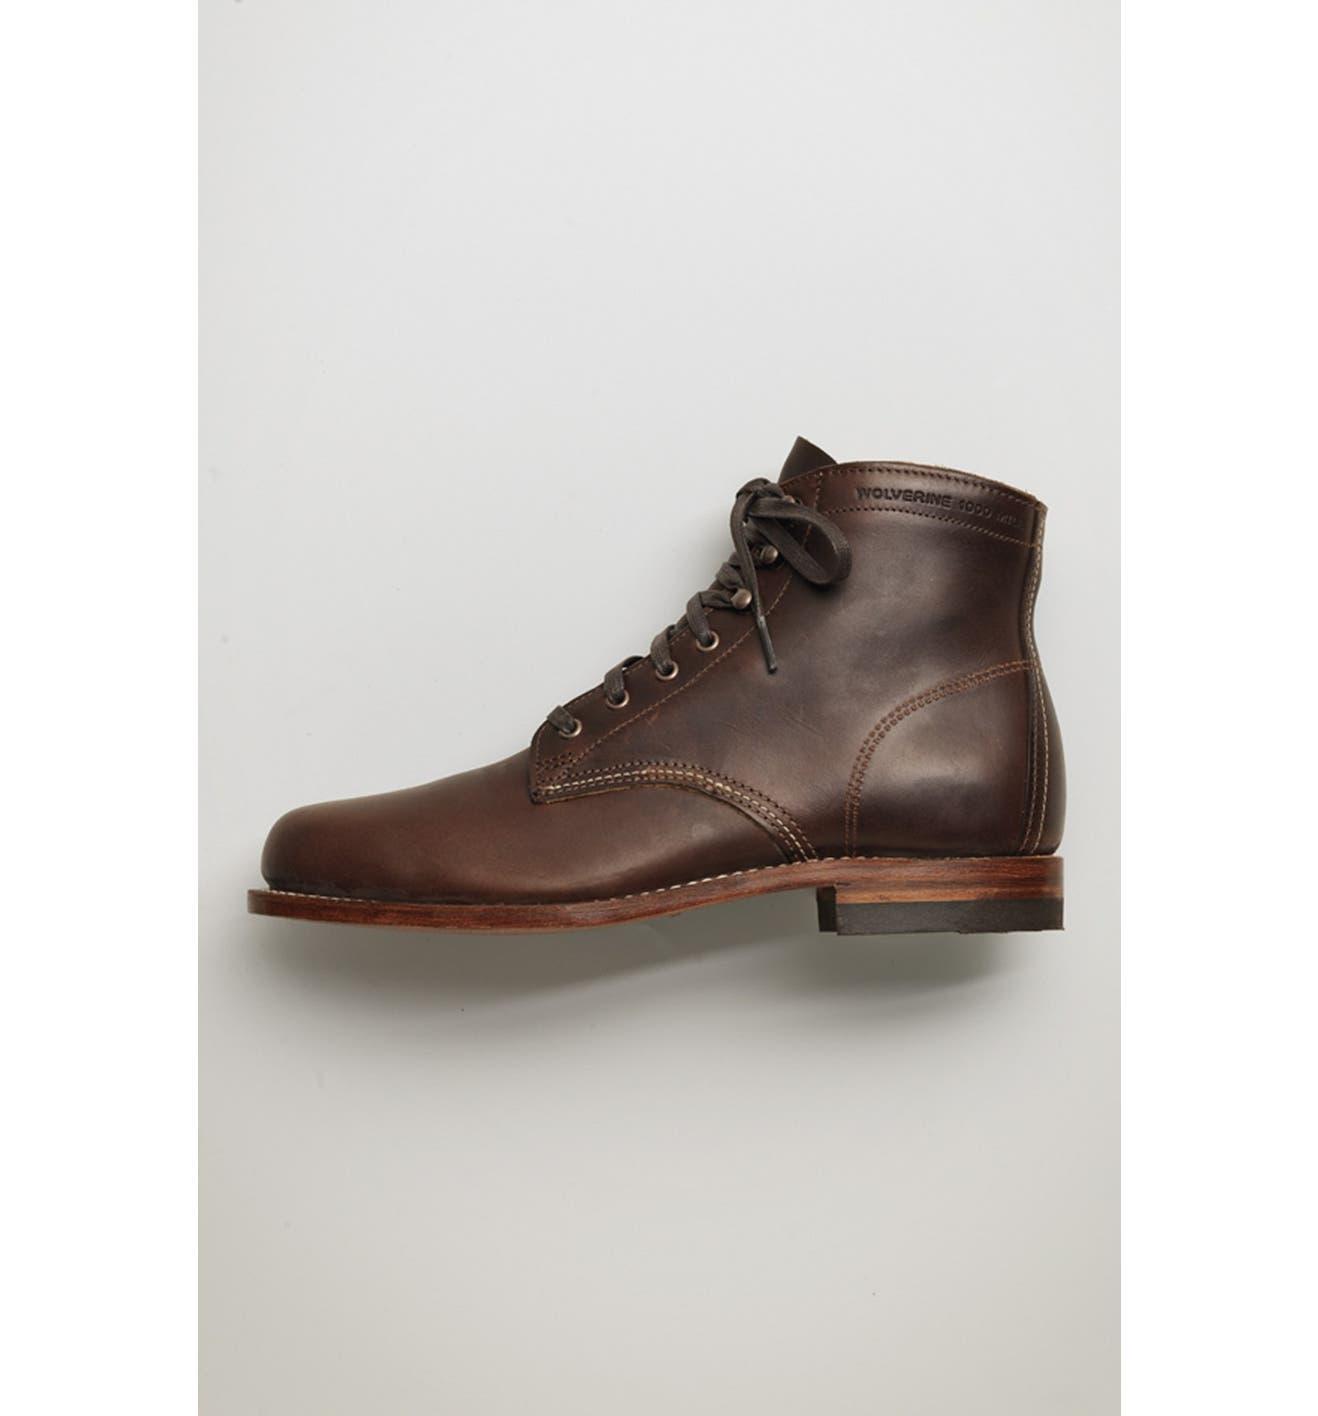 542e0738f44 '1000 Mile' Plain Toe Boot